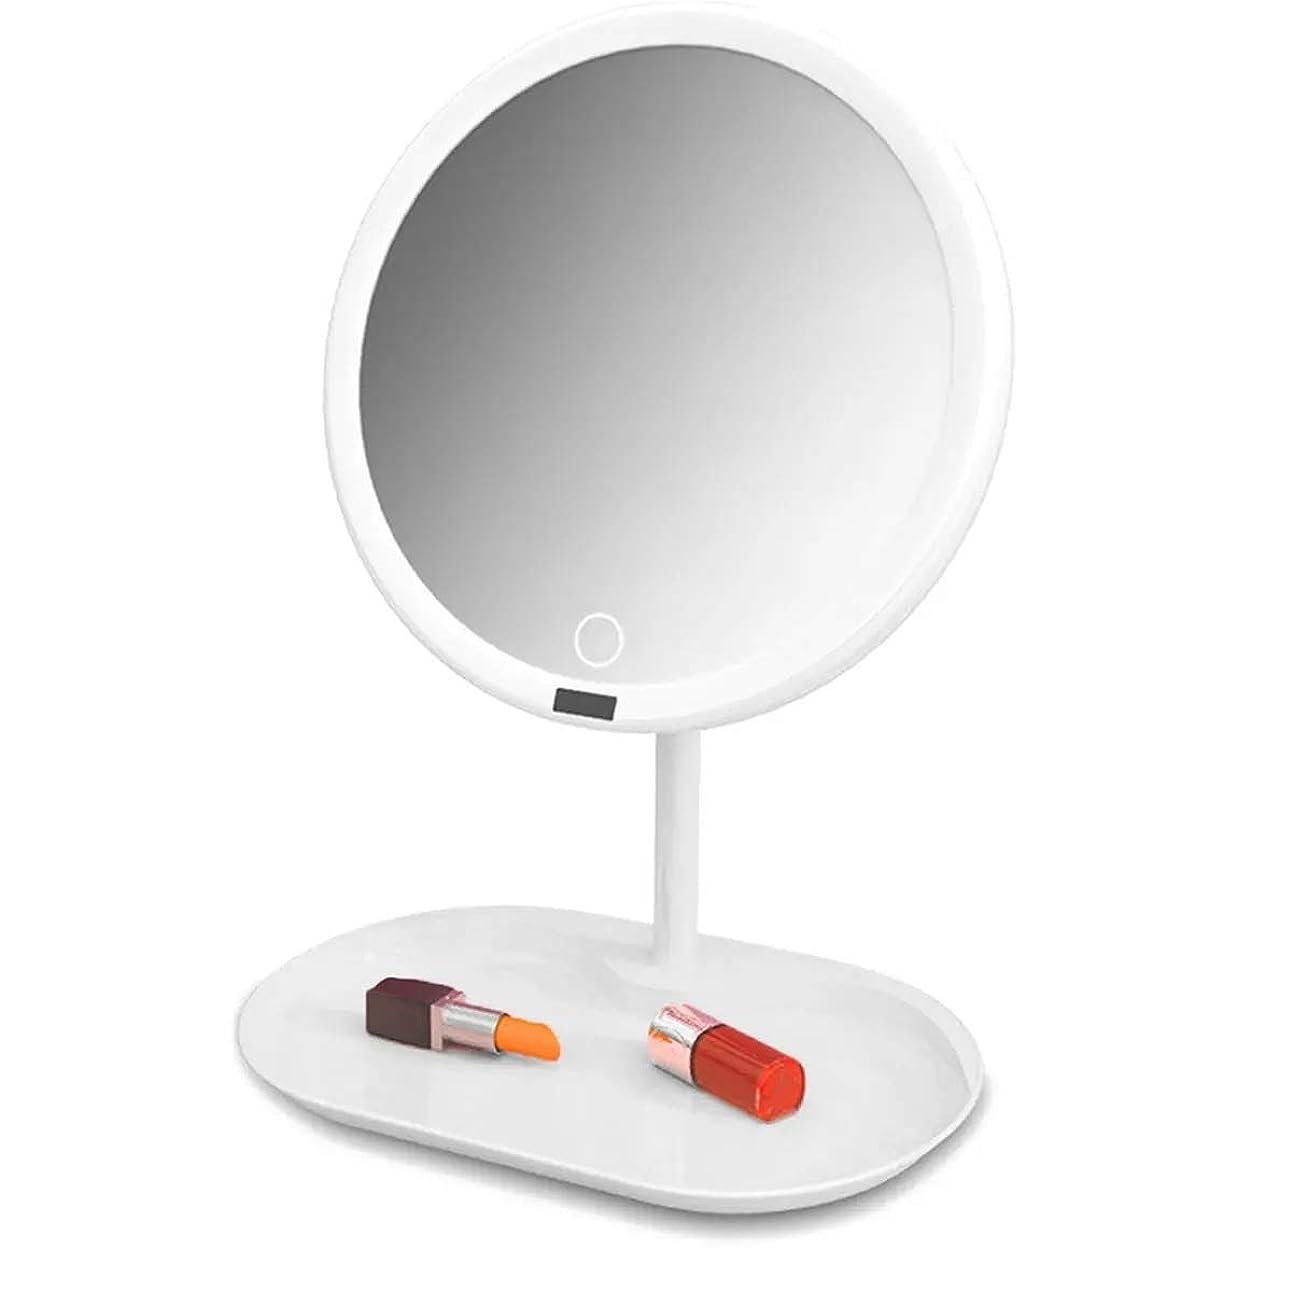 人口メッセージ耕す化粧鏡 USB充電タッチ調光LEDメイクアップ表鏡付き化粧品収納トレイPolarless調光ミラーメイクアップ 浴室のシャワー旅行 (色 : White, Size : 8 Inch)